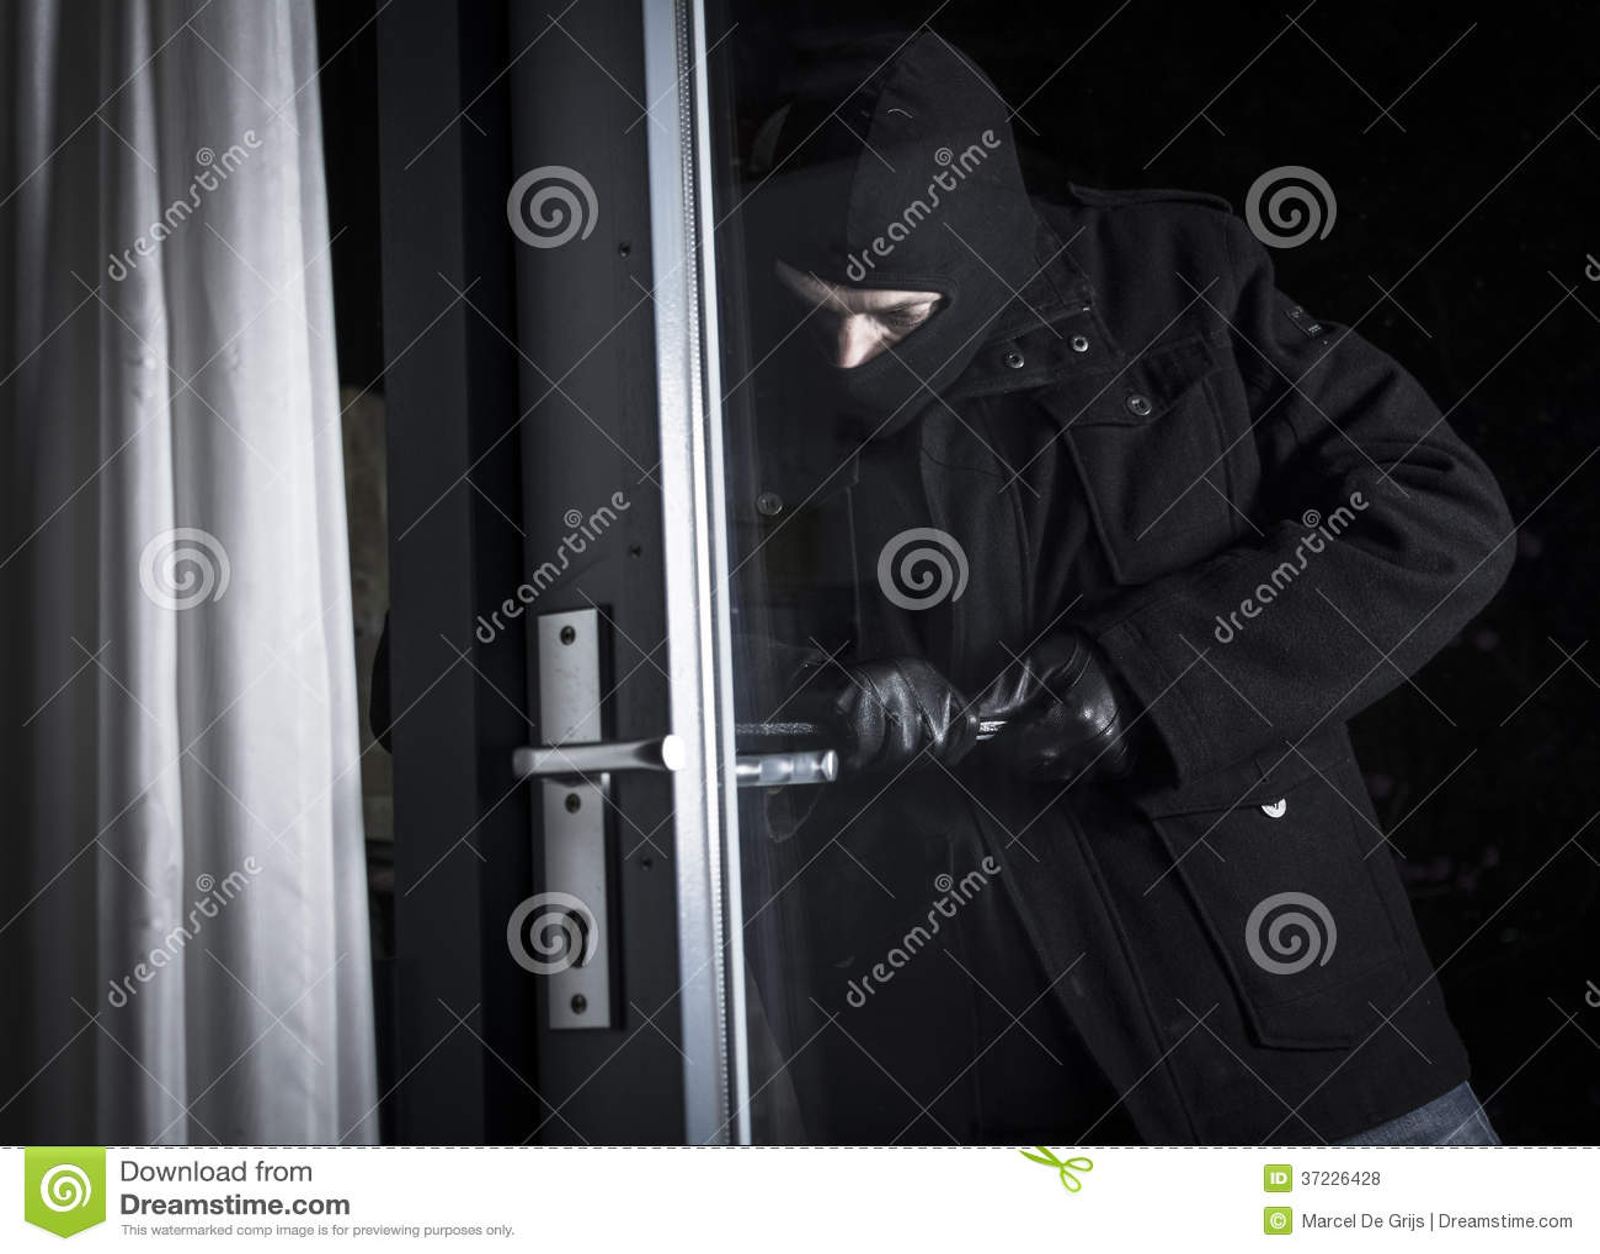 Burglar forcing door